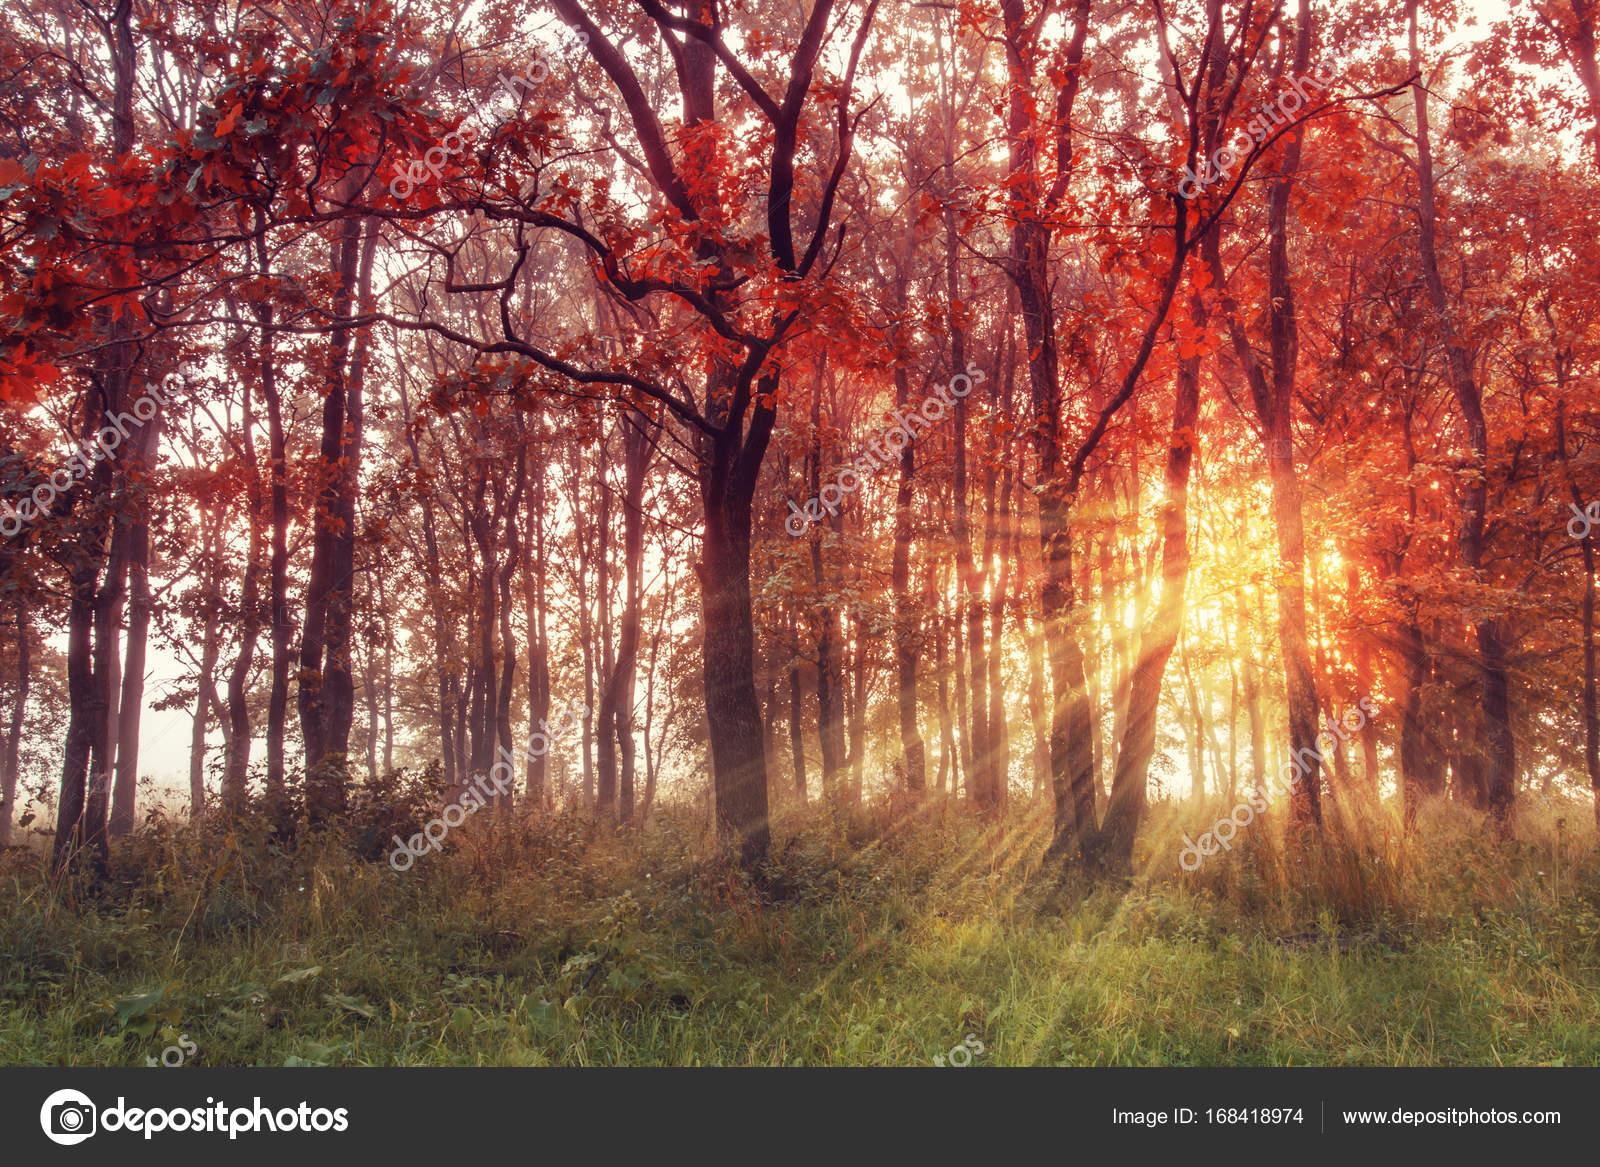 Herbst Hintergrund Herbst Szene Landschaft Mit Bunten Wald Im